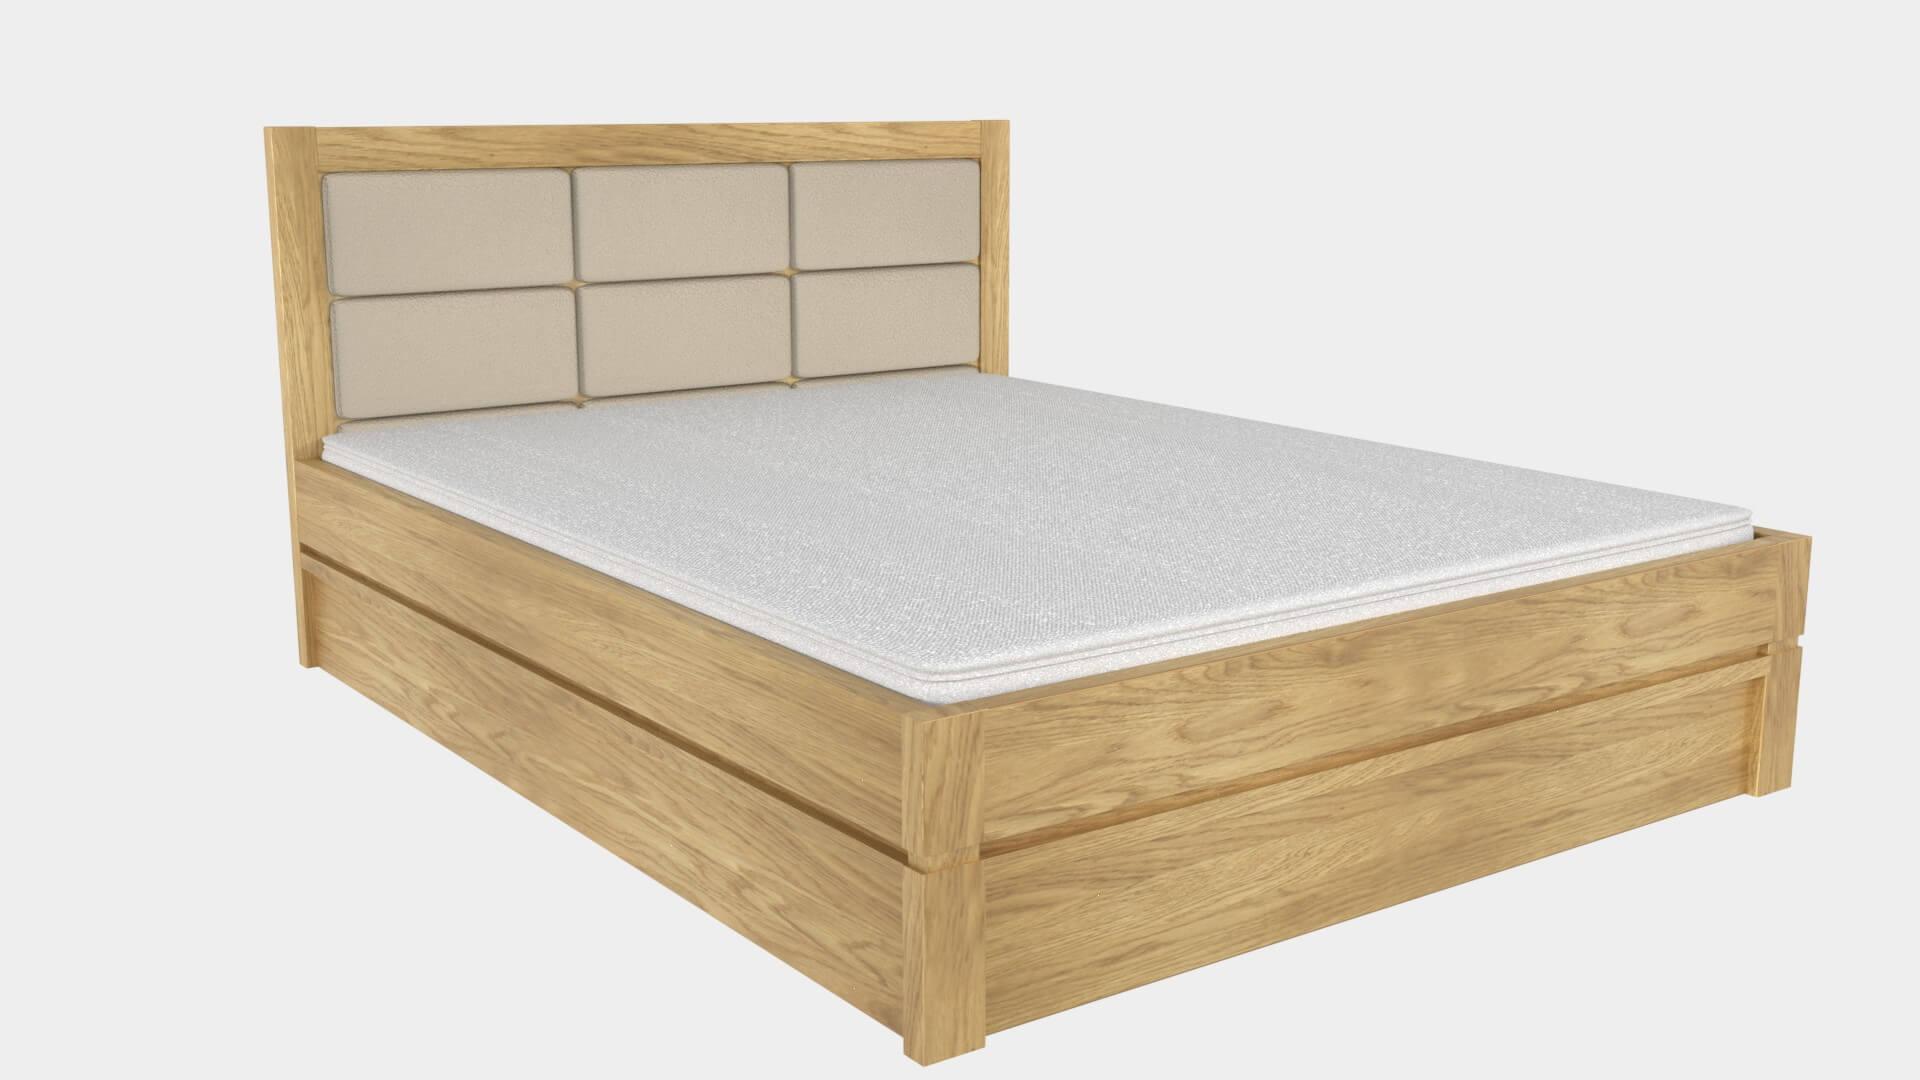 łóżko lk10 tapicerowane dąb jasny